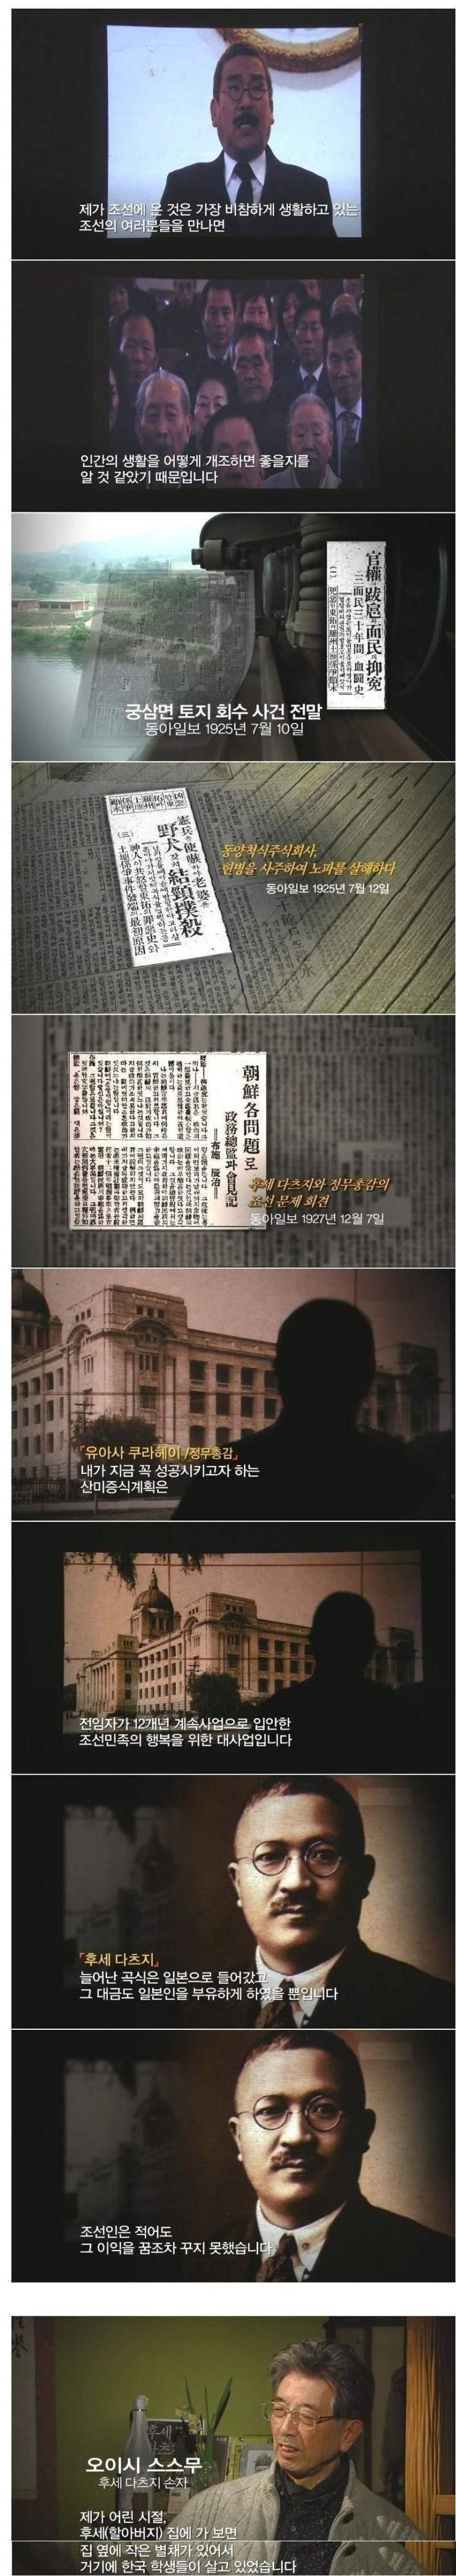 조선인을 변호한 일본 변호사, 후세 다쓰지.jpg | 인스티즈